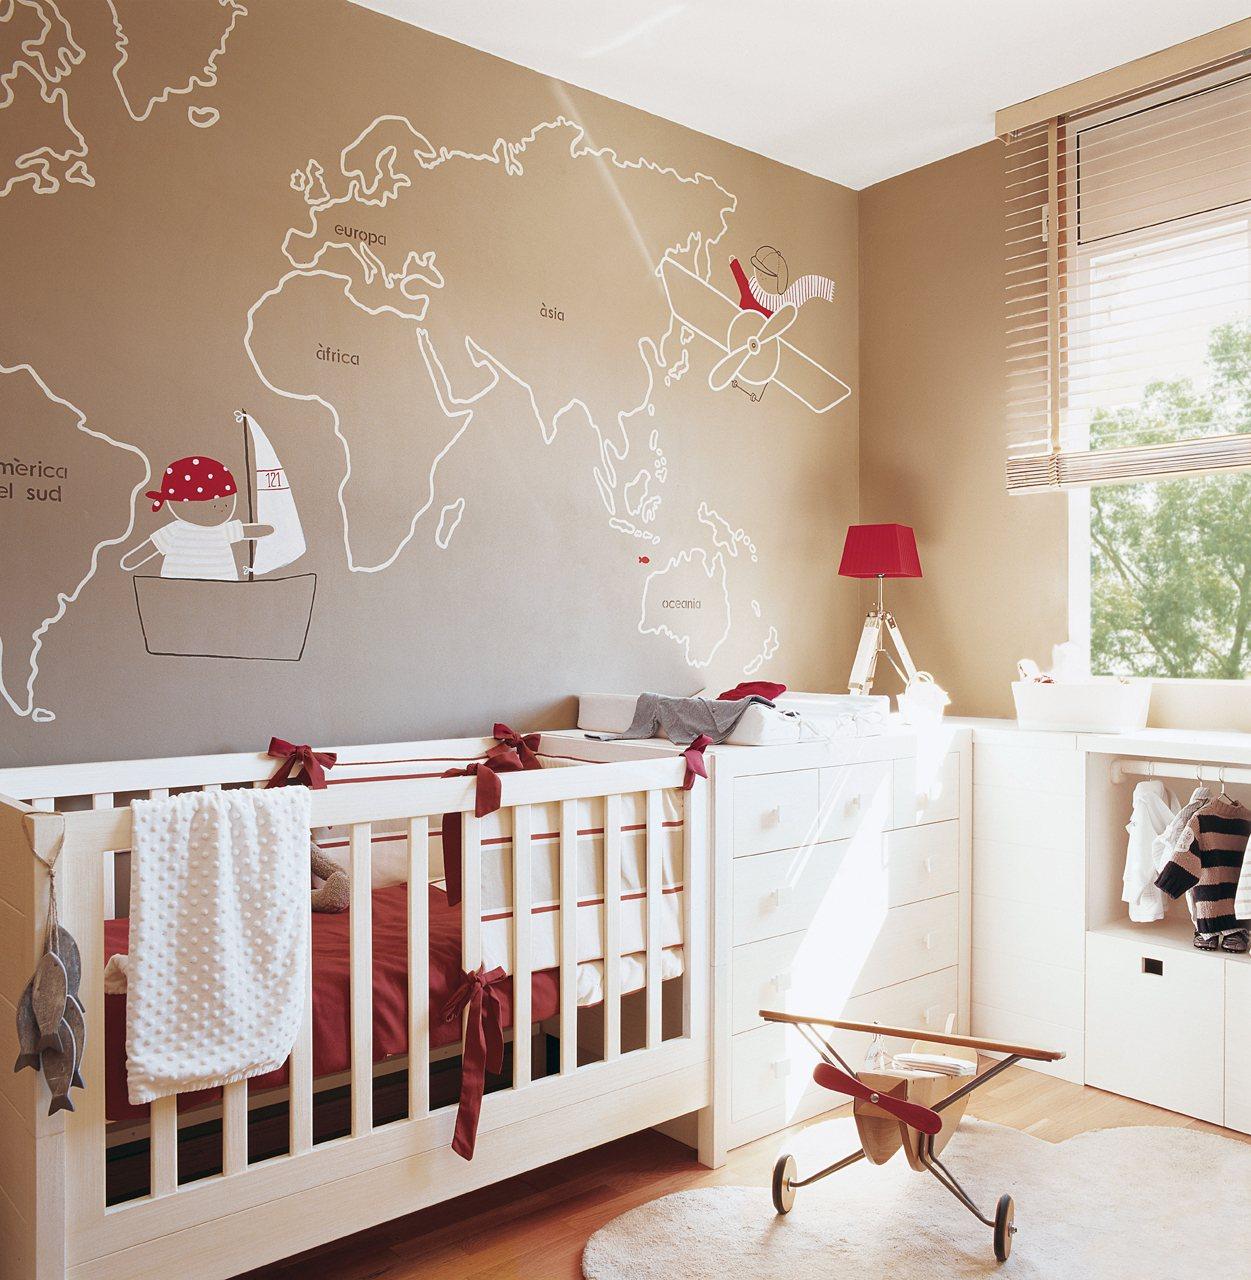 Habitación infantil con mapamundi pintado. Su primera habitación.